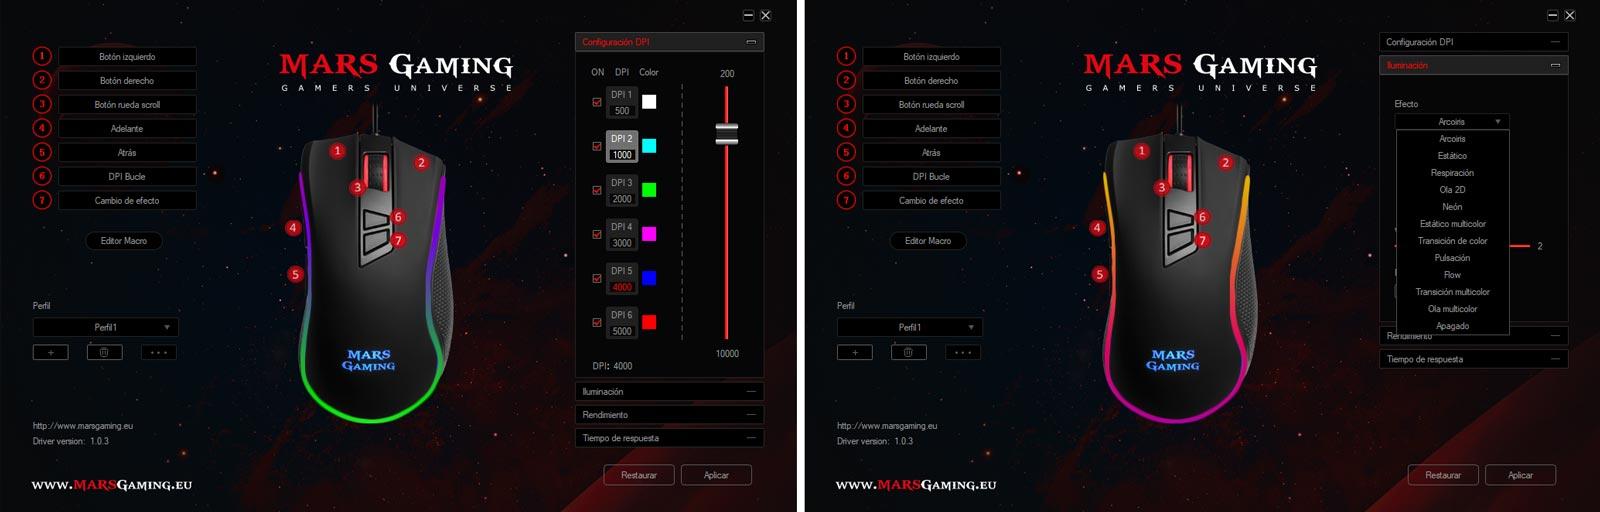 Analizamos el ratón MM218 de Mars Gaming